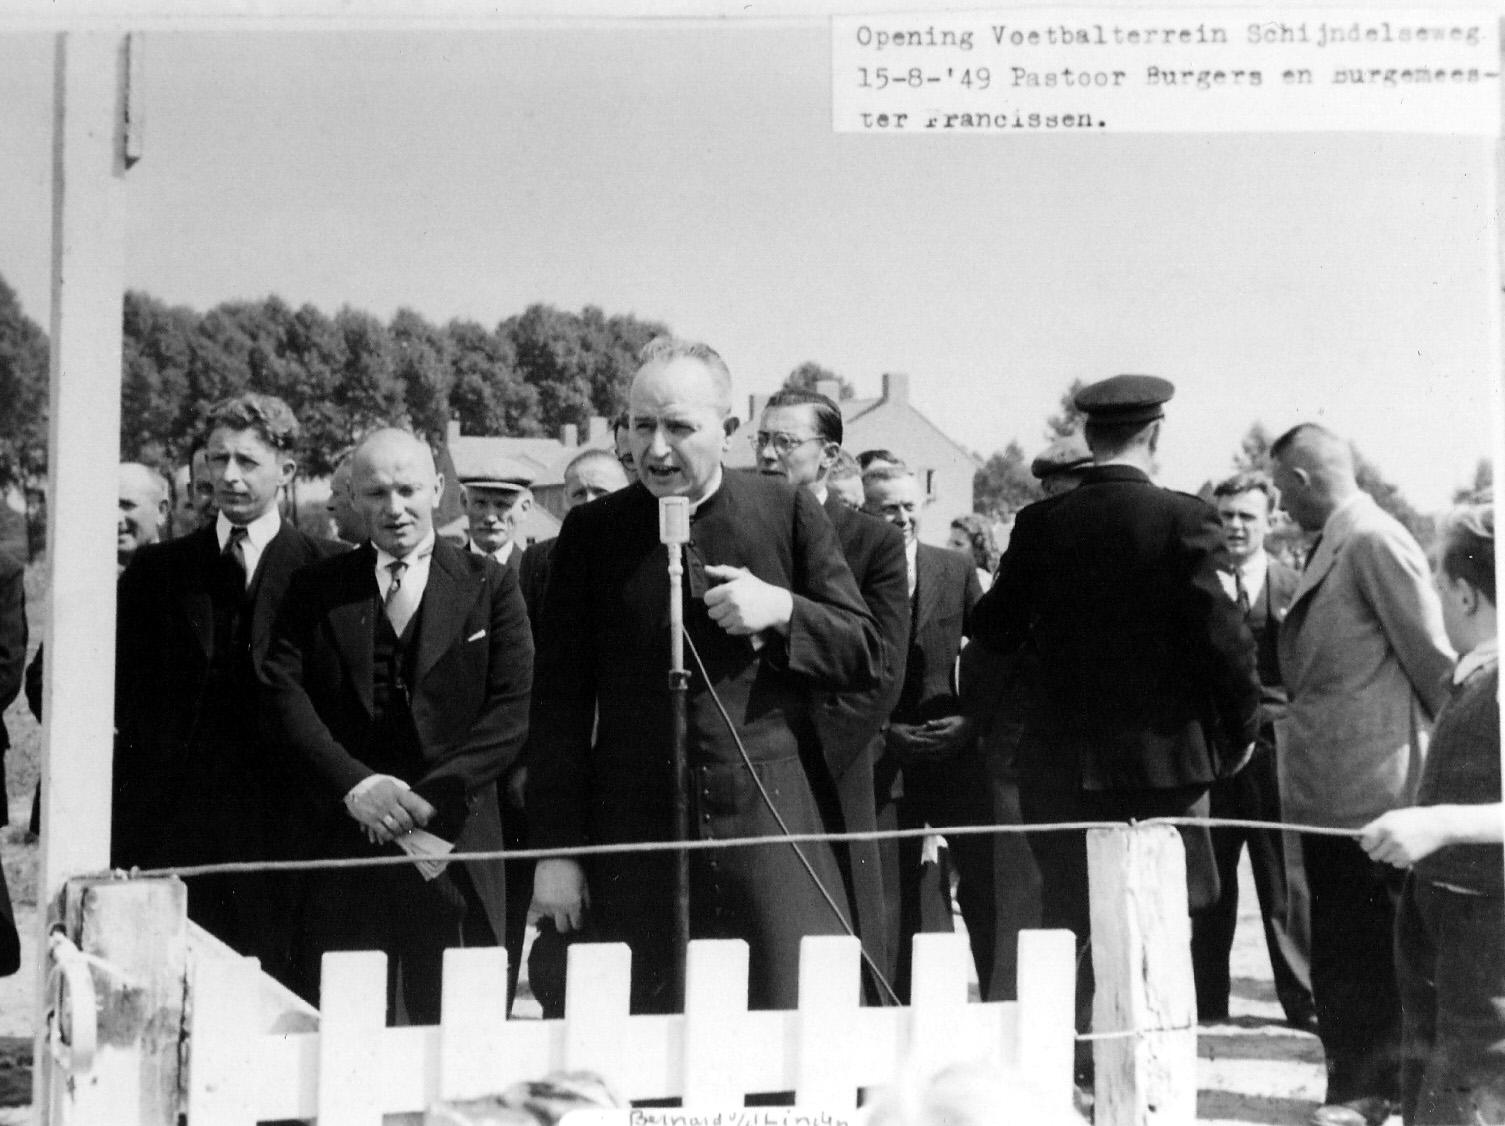 1949 Opening voetbalterrein aan de Schijndelseweg